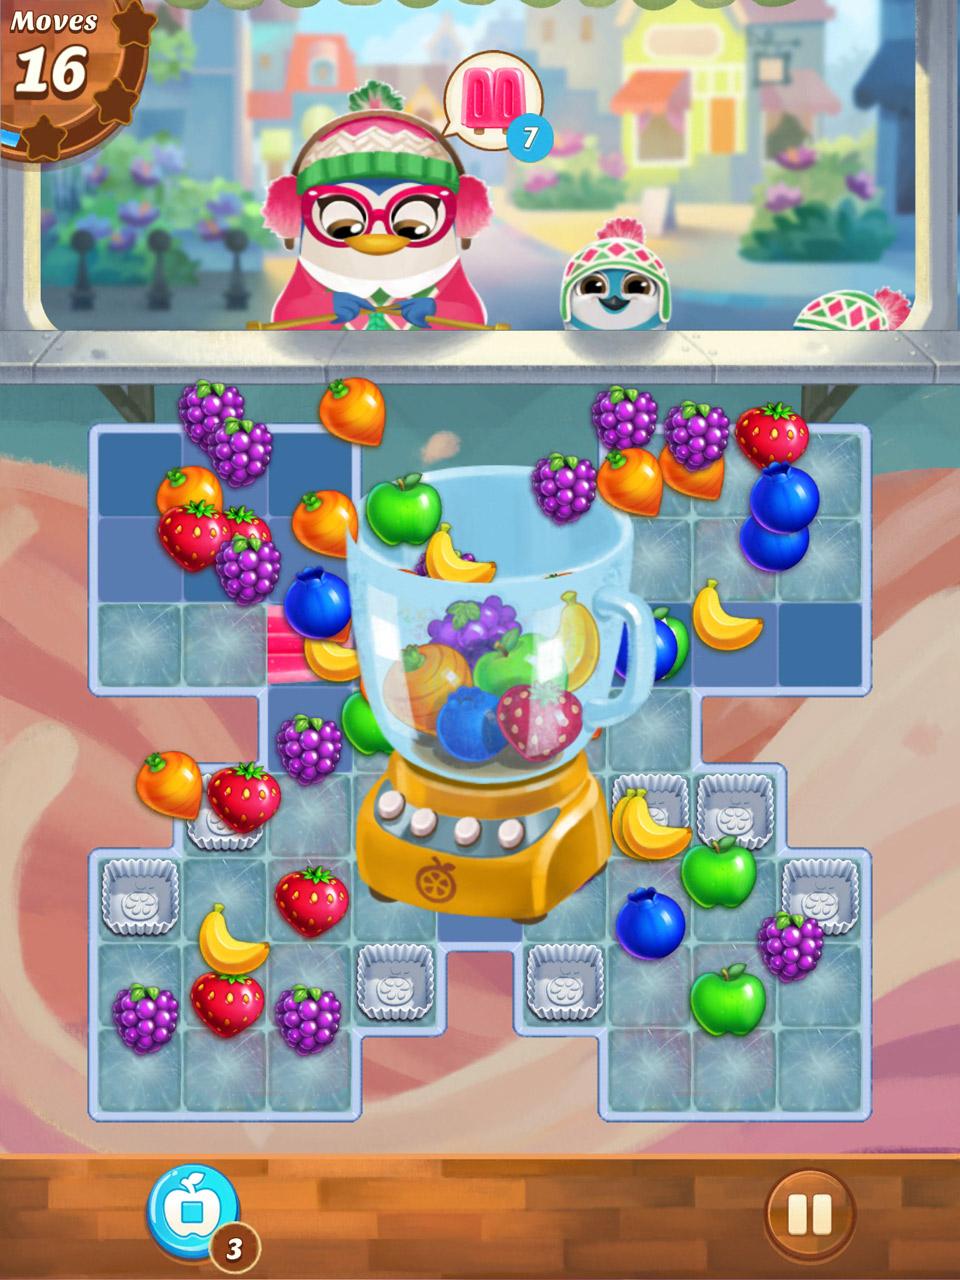 Fruit jam game - Juice Jam Screenshot 1